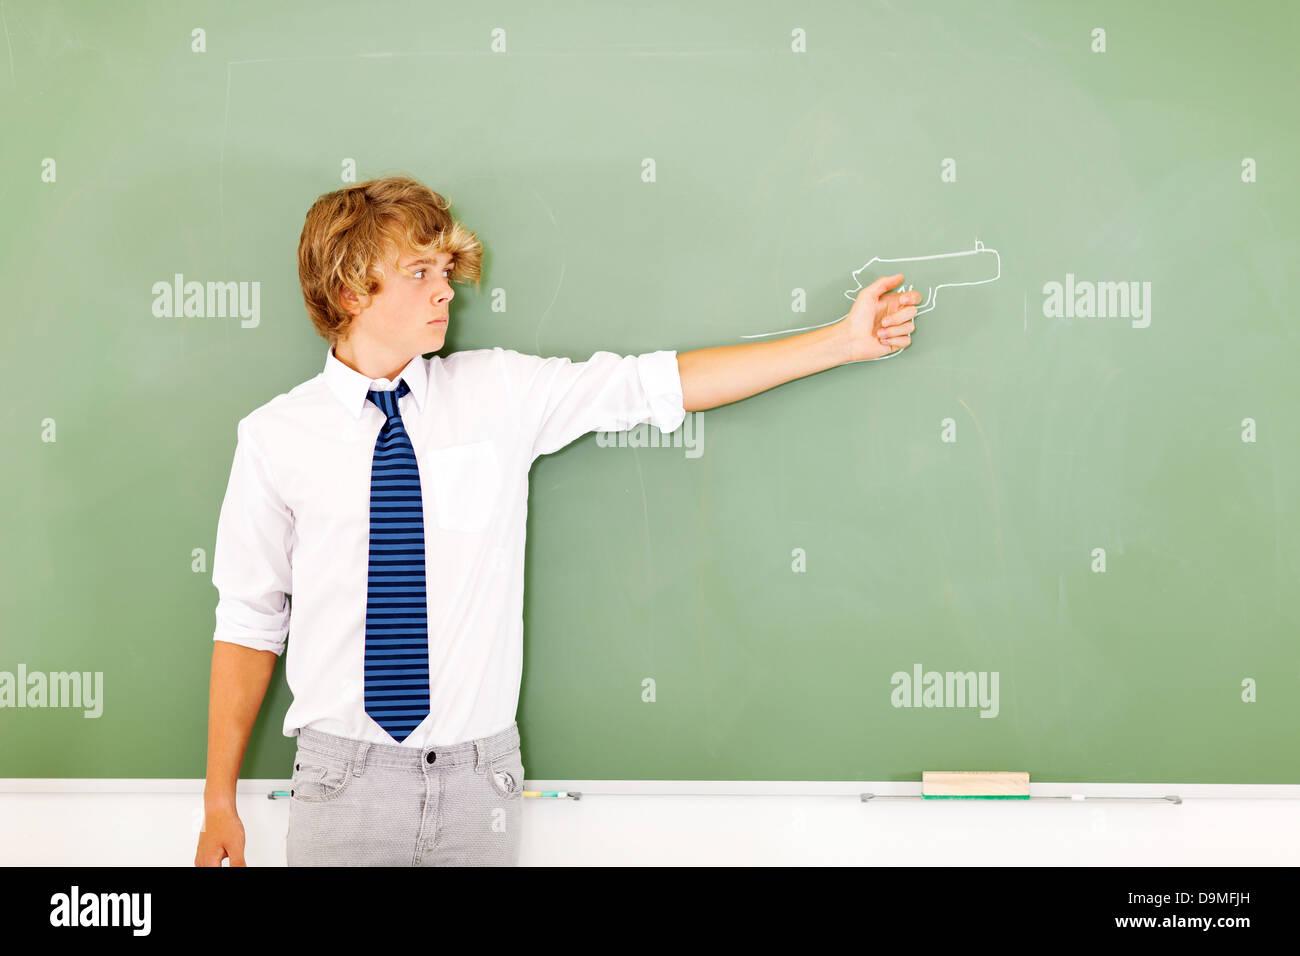 High school violento niño sosteniendo un arma dibujado en la pizarra Imagen De Stock